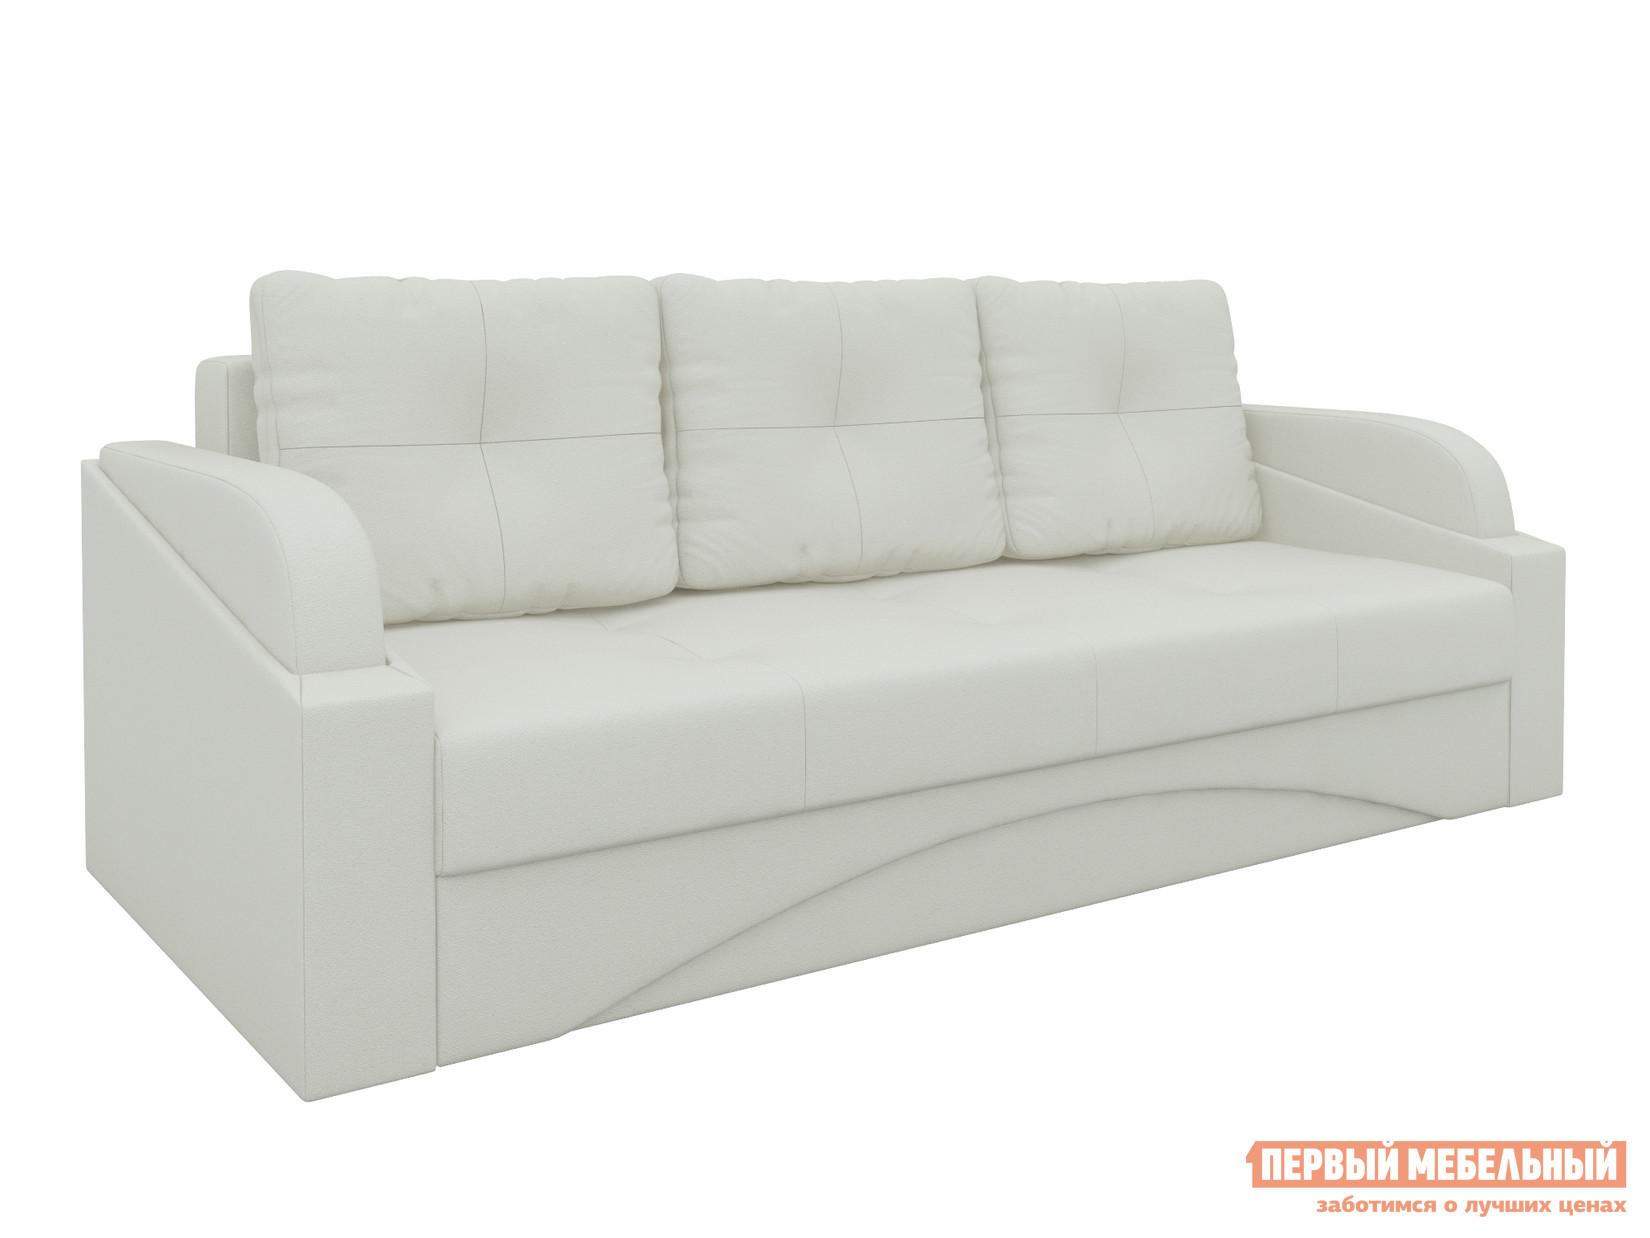 Купить со скидкой Прямой диван Мебелико Панда Экокожа белая